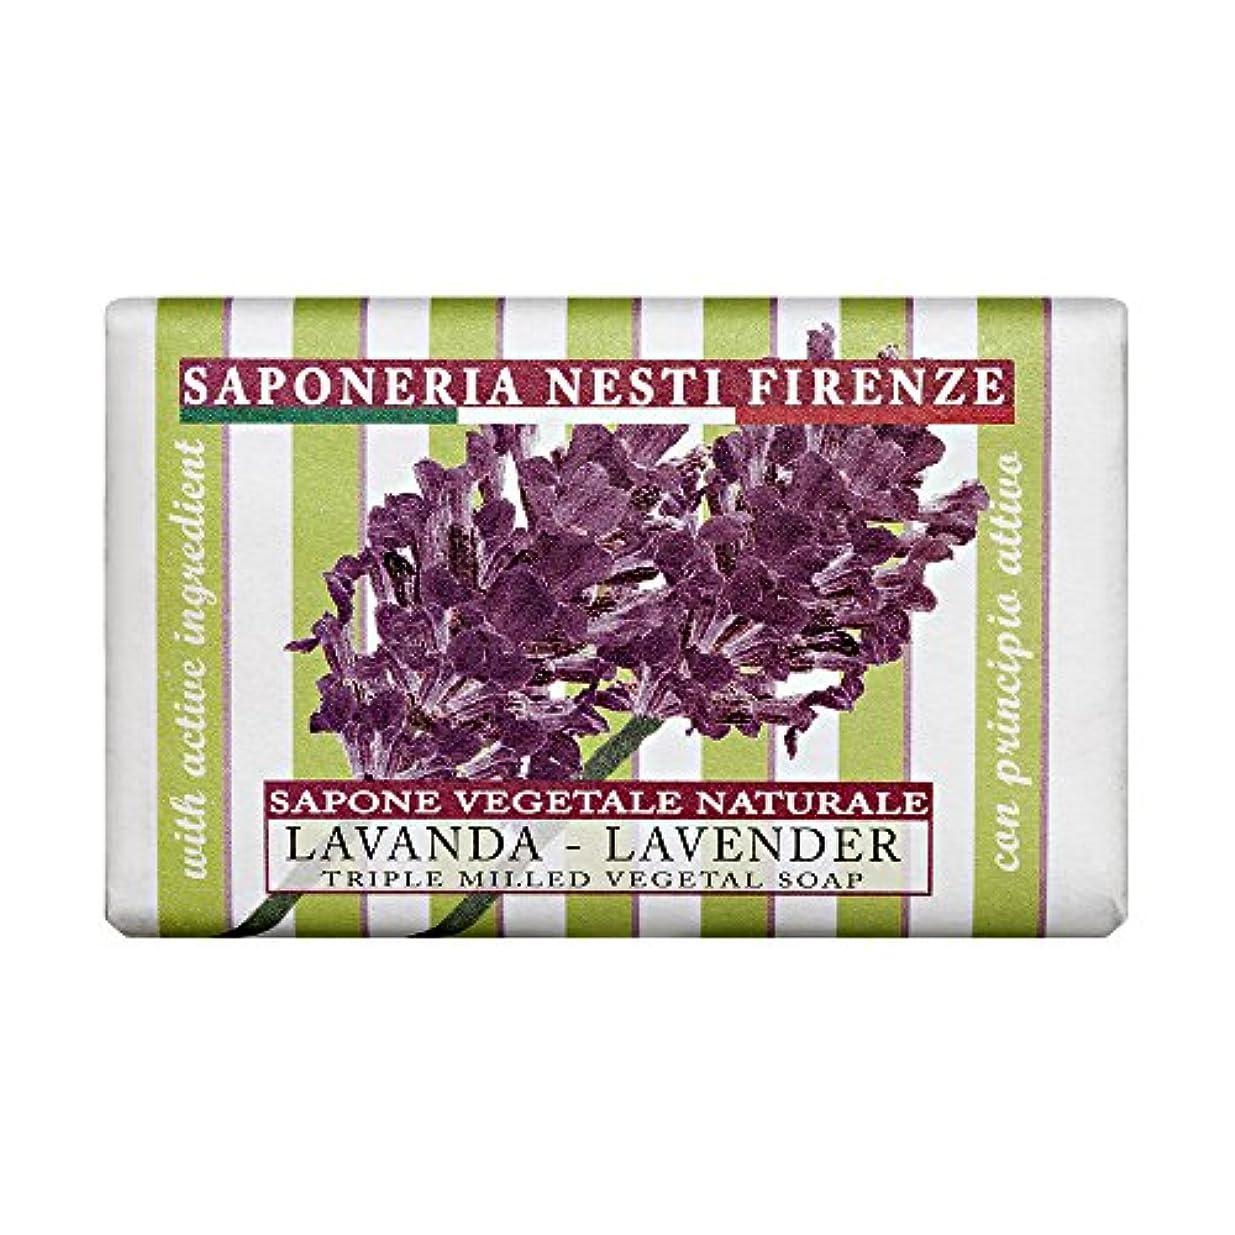 ポイントオーストラリア人脱獄ネスティダンテ Le Deliziose Natural Soap - Lavender 150g/5.29oz